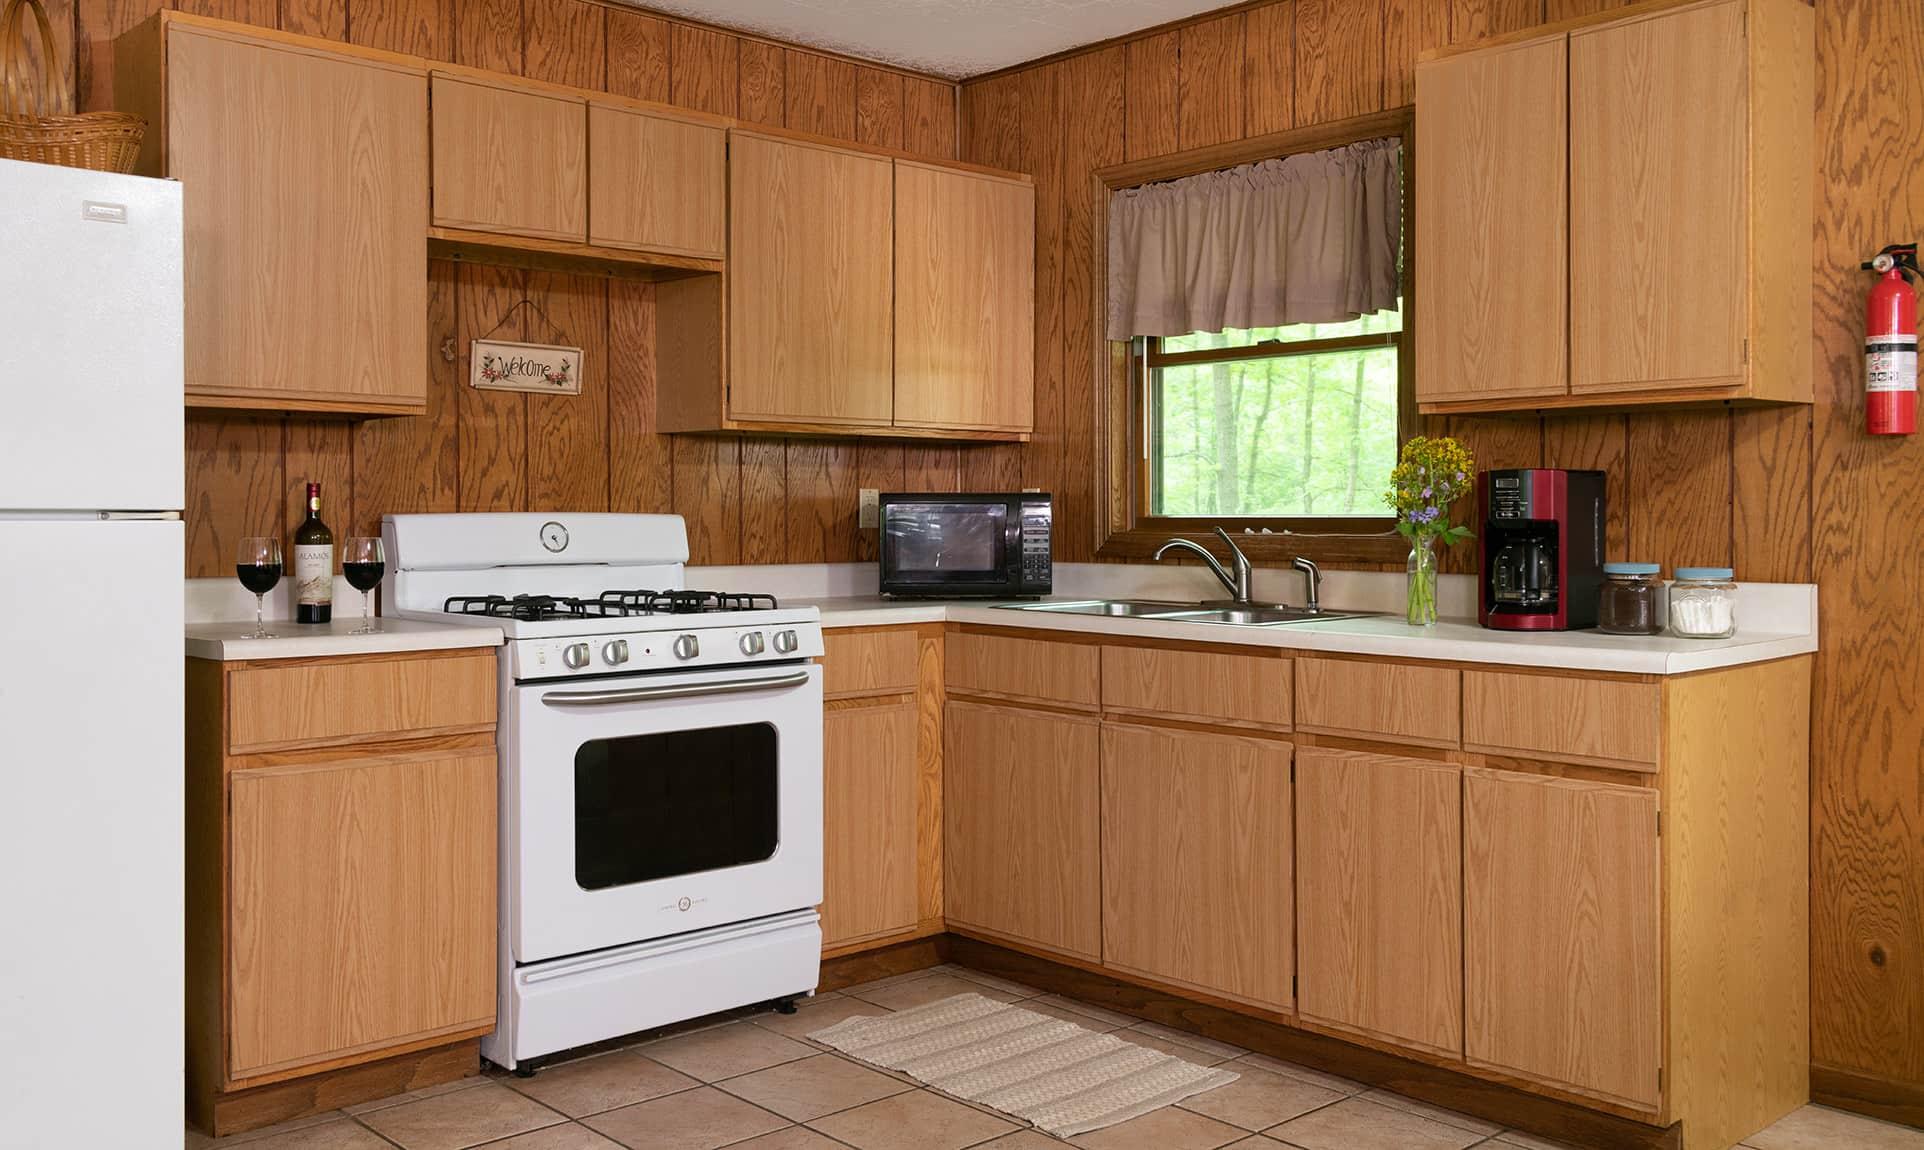 Osage Cabin kitchen - weekend getaway near Chicago